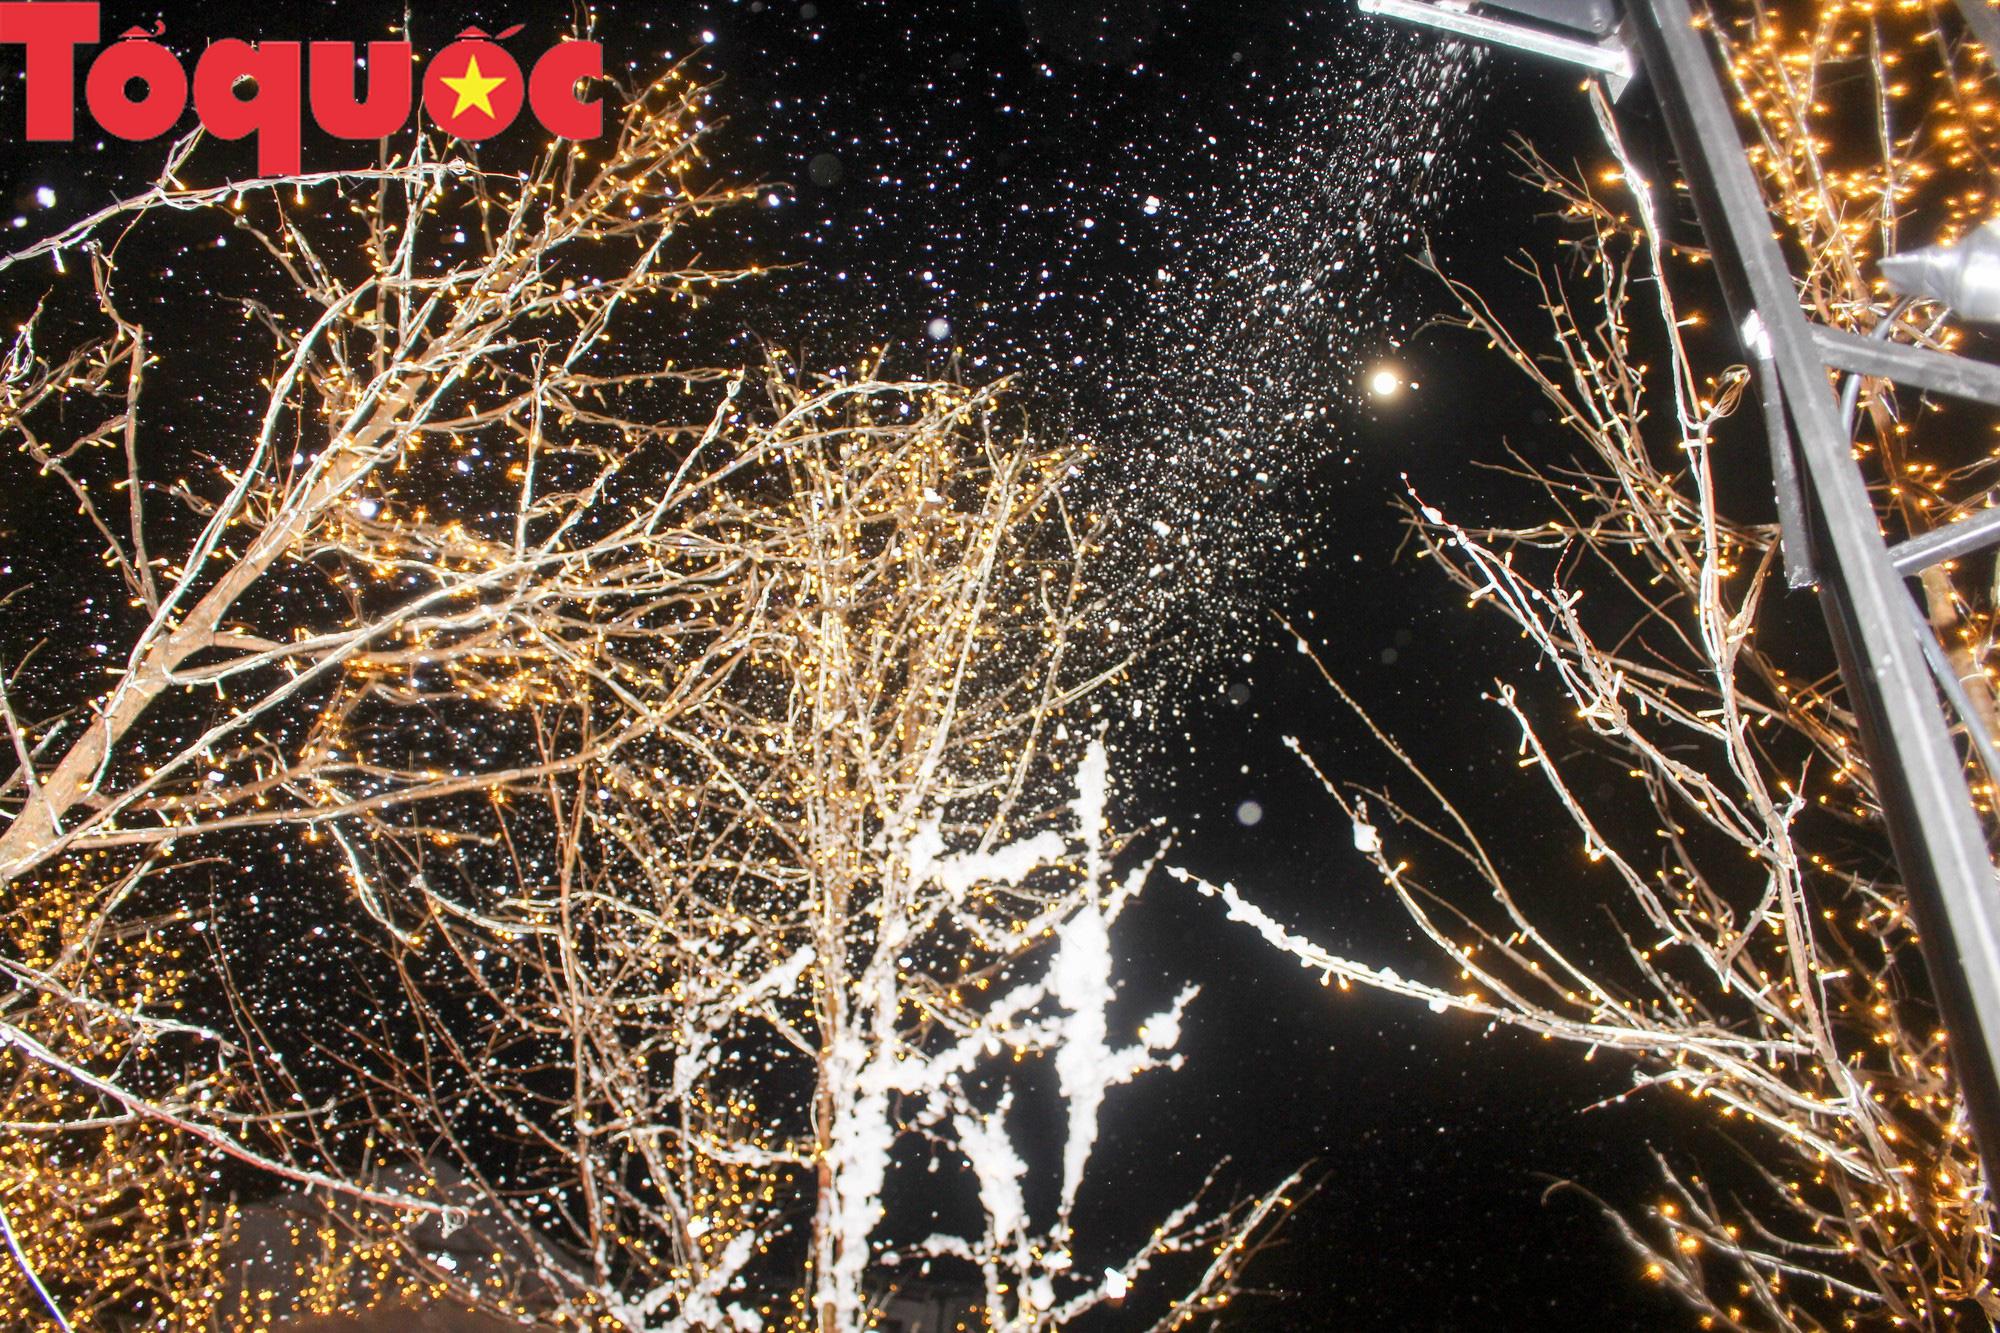 Người dân và du khách chen chân check in tuyết rơi giữa lòng TP Huế - Ảnh 3.